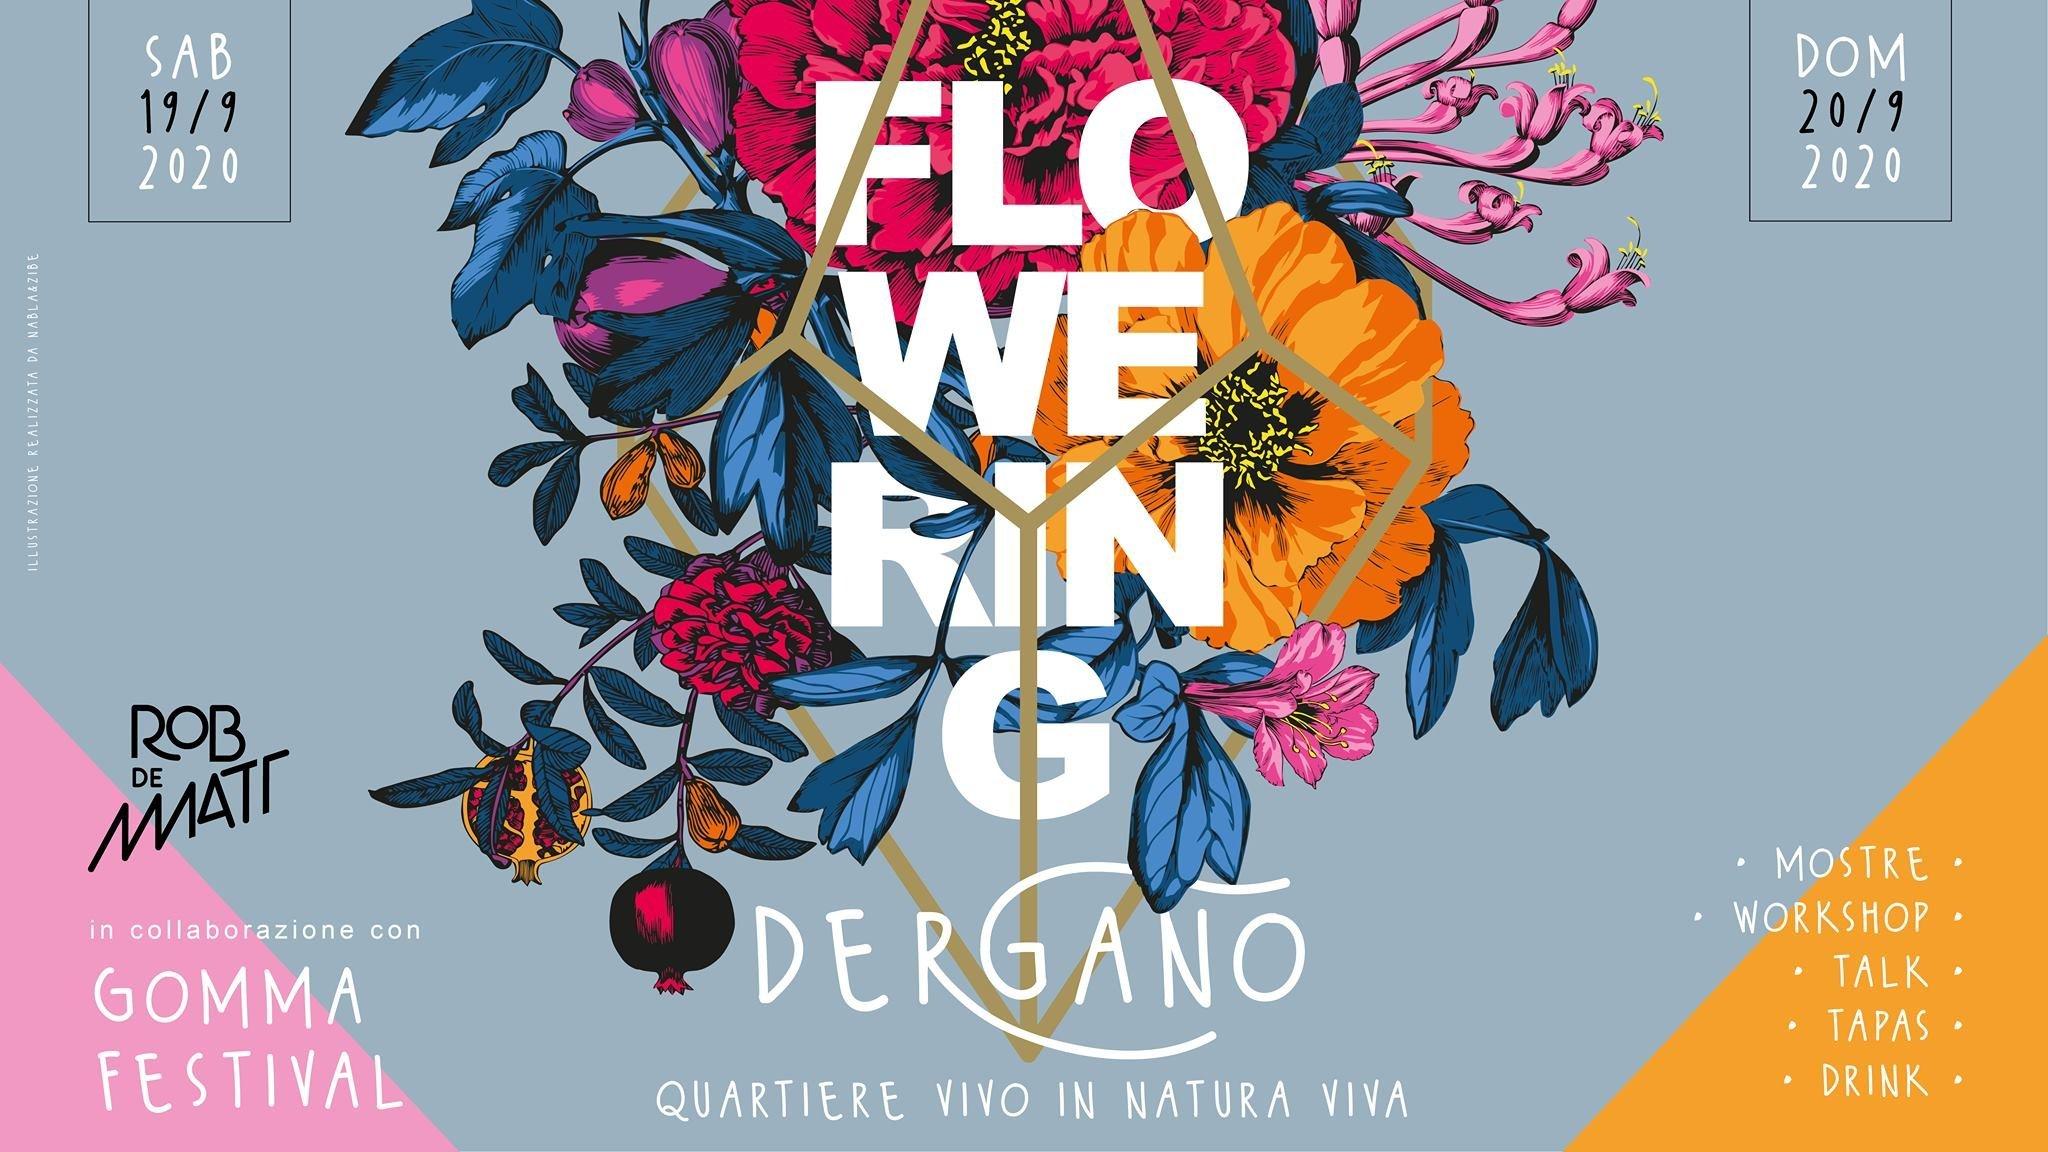 Flowering Dergano Milan